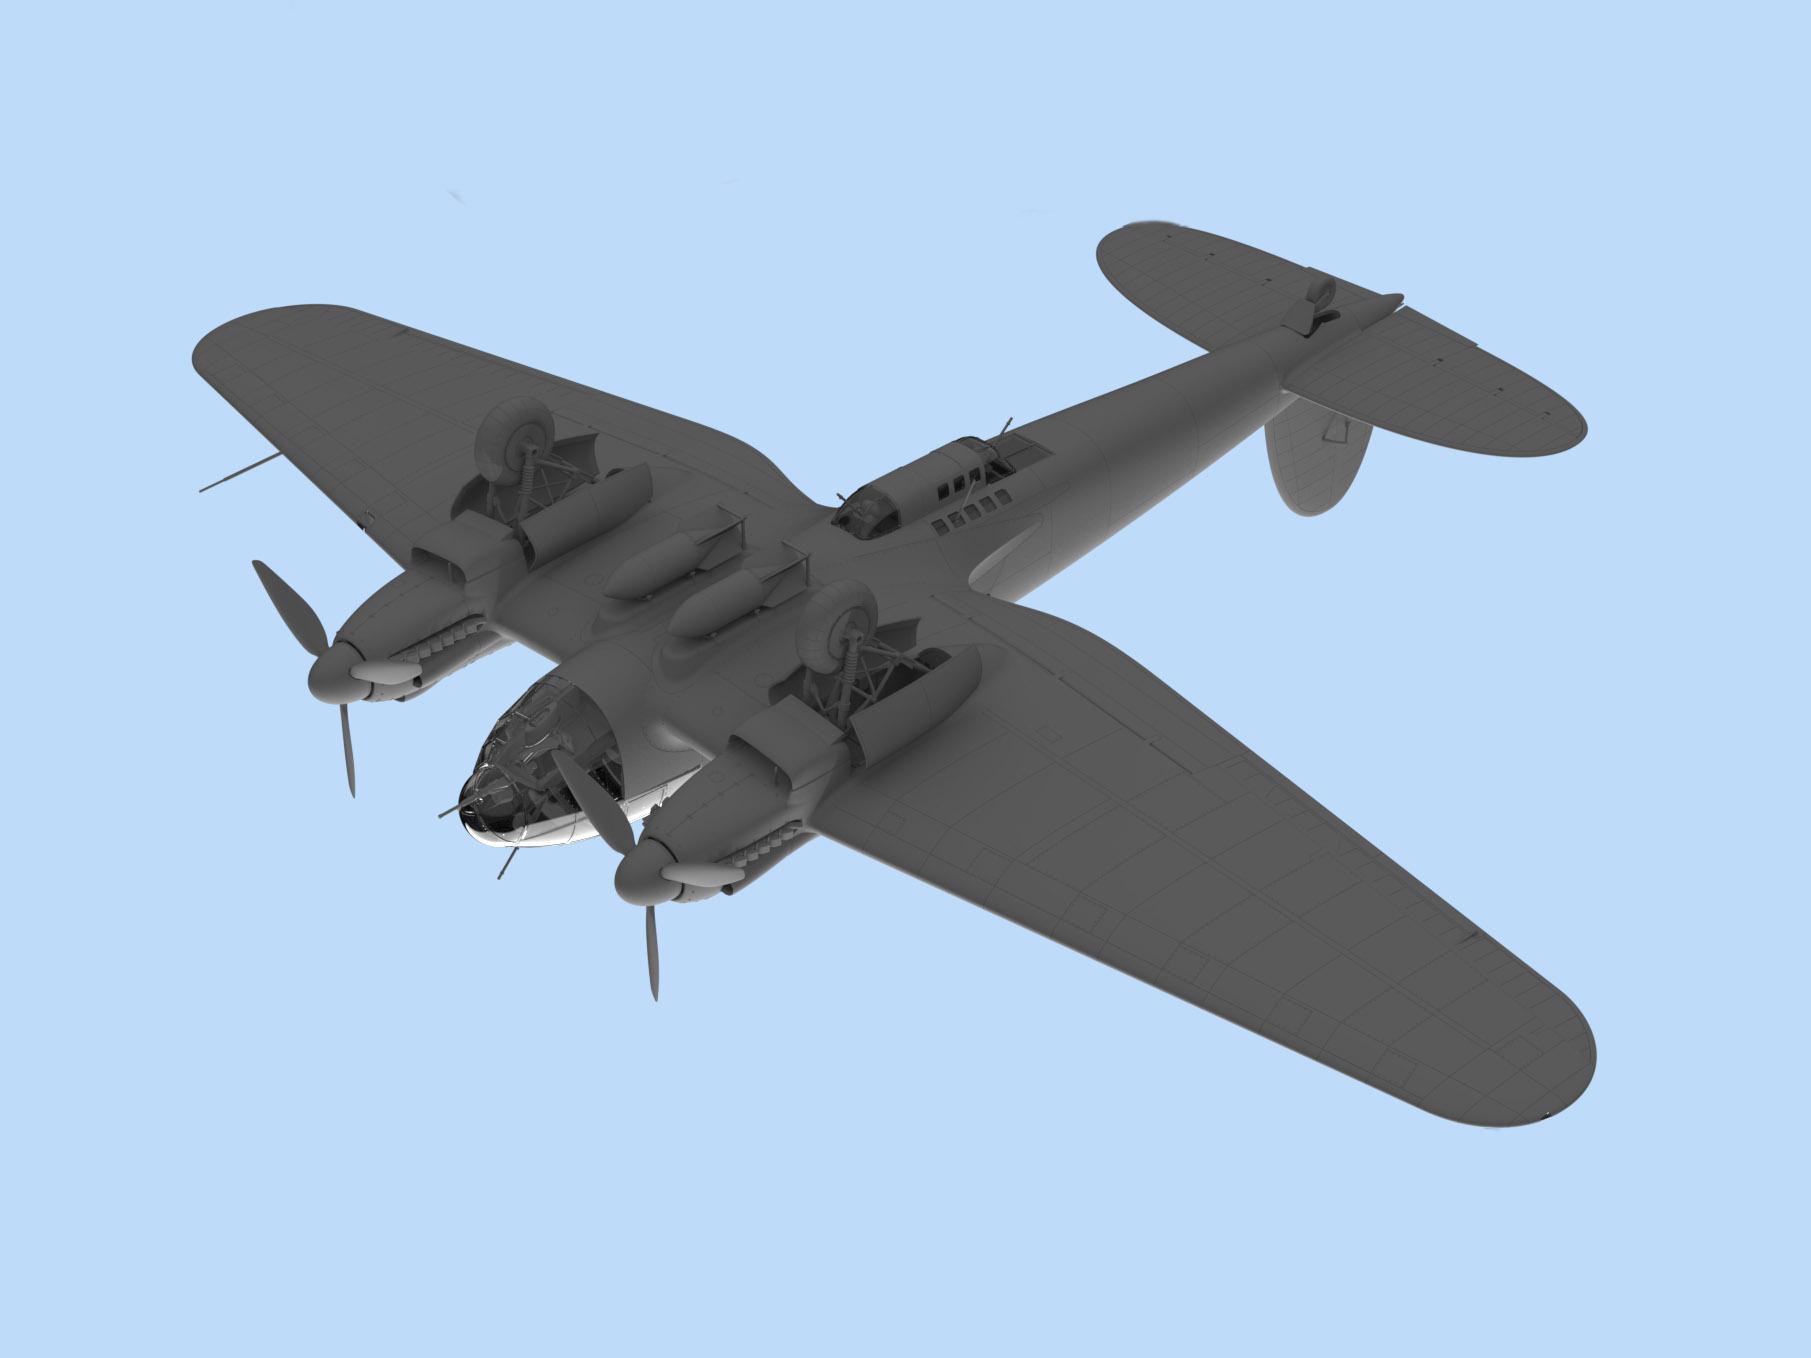 1519716466_heinkel-111-h6-render-3